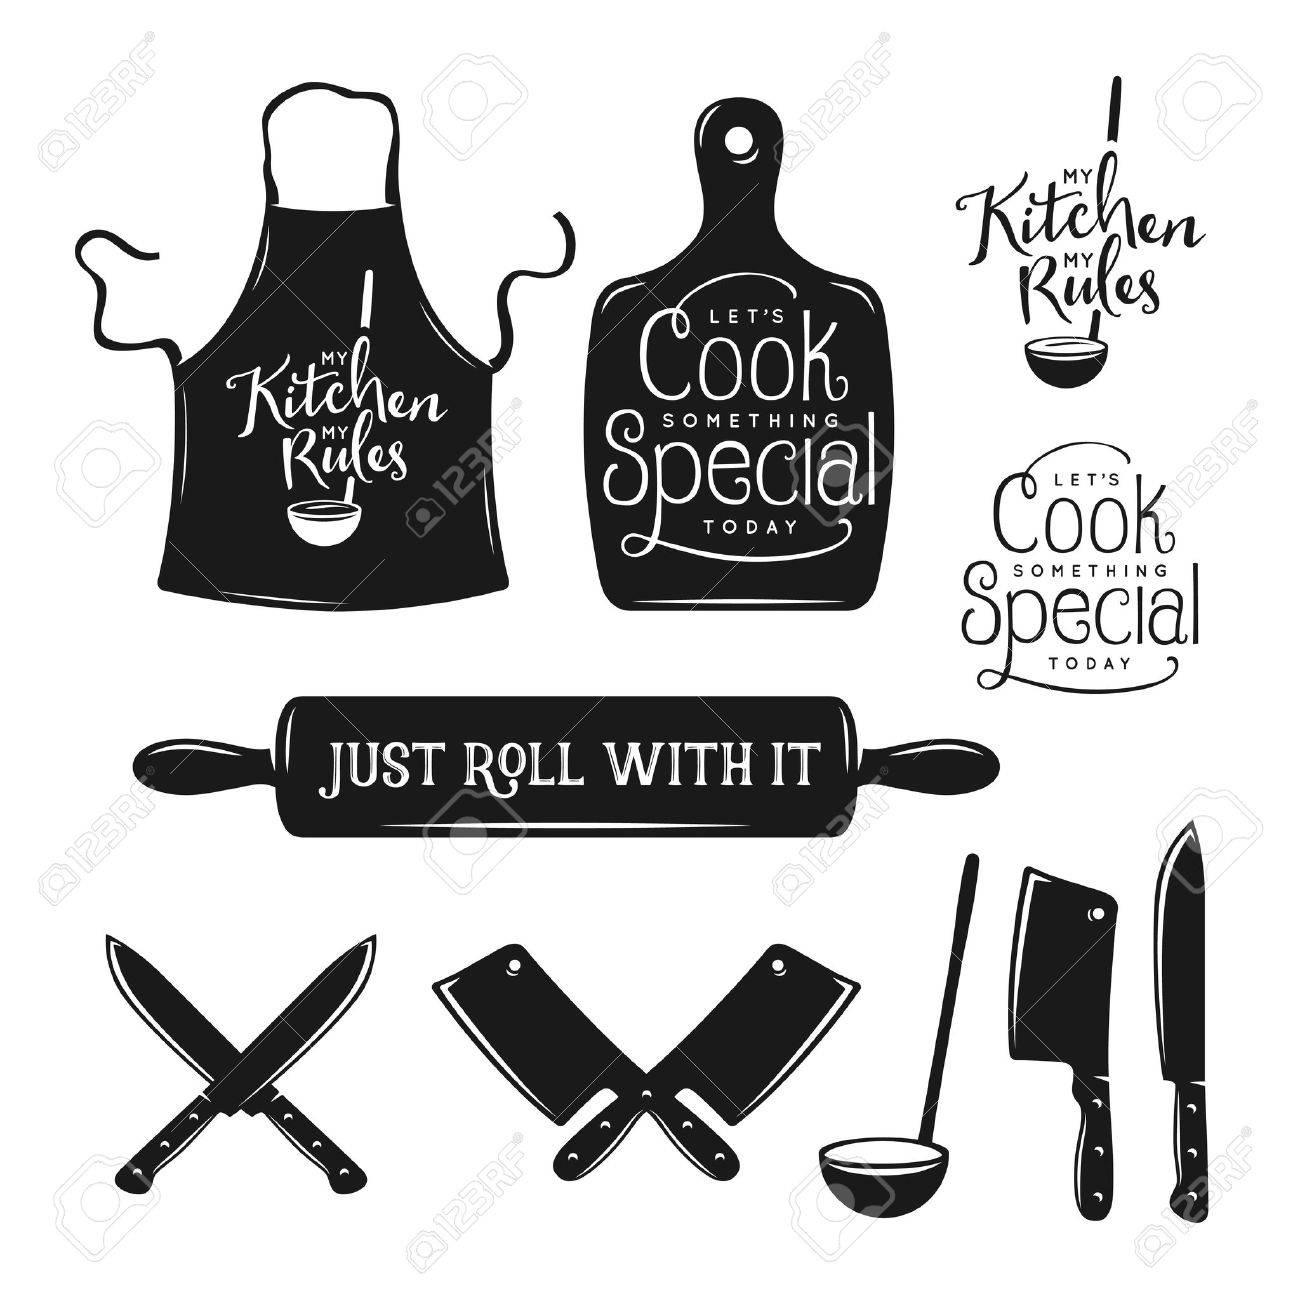 Küche Im Zusammenhang Mit Typografie Gesetzt. Zitate über Das Kochen ...